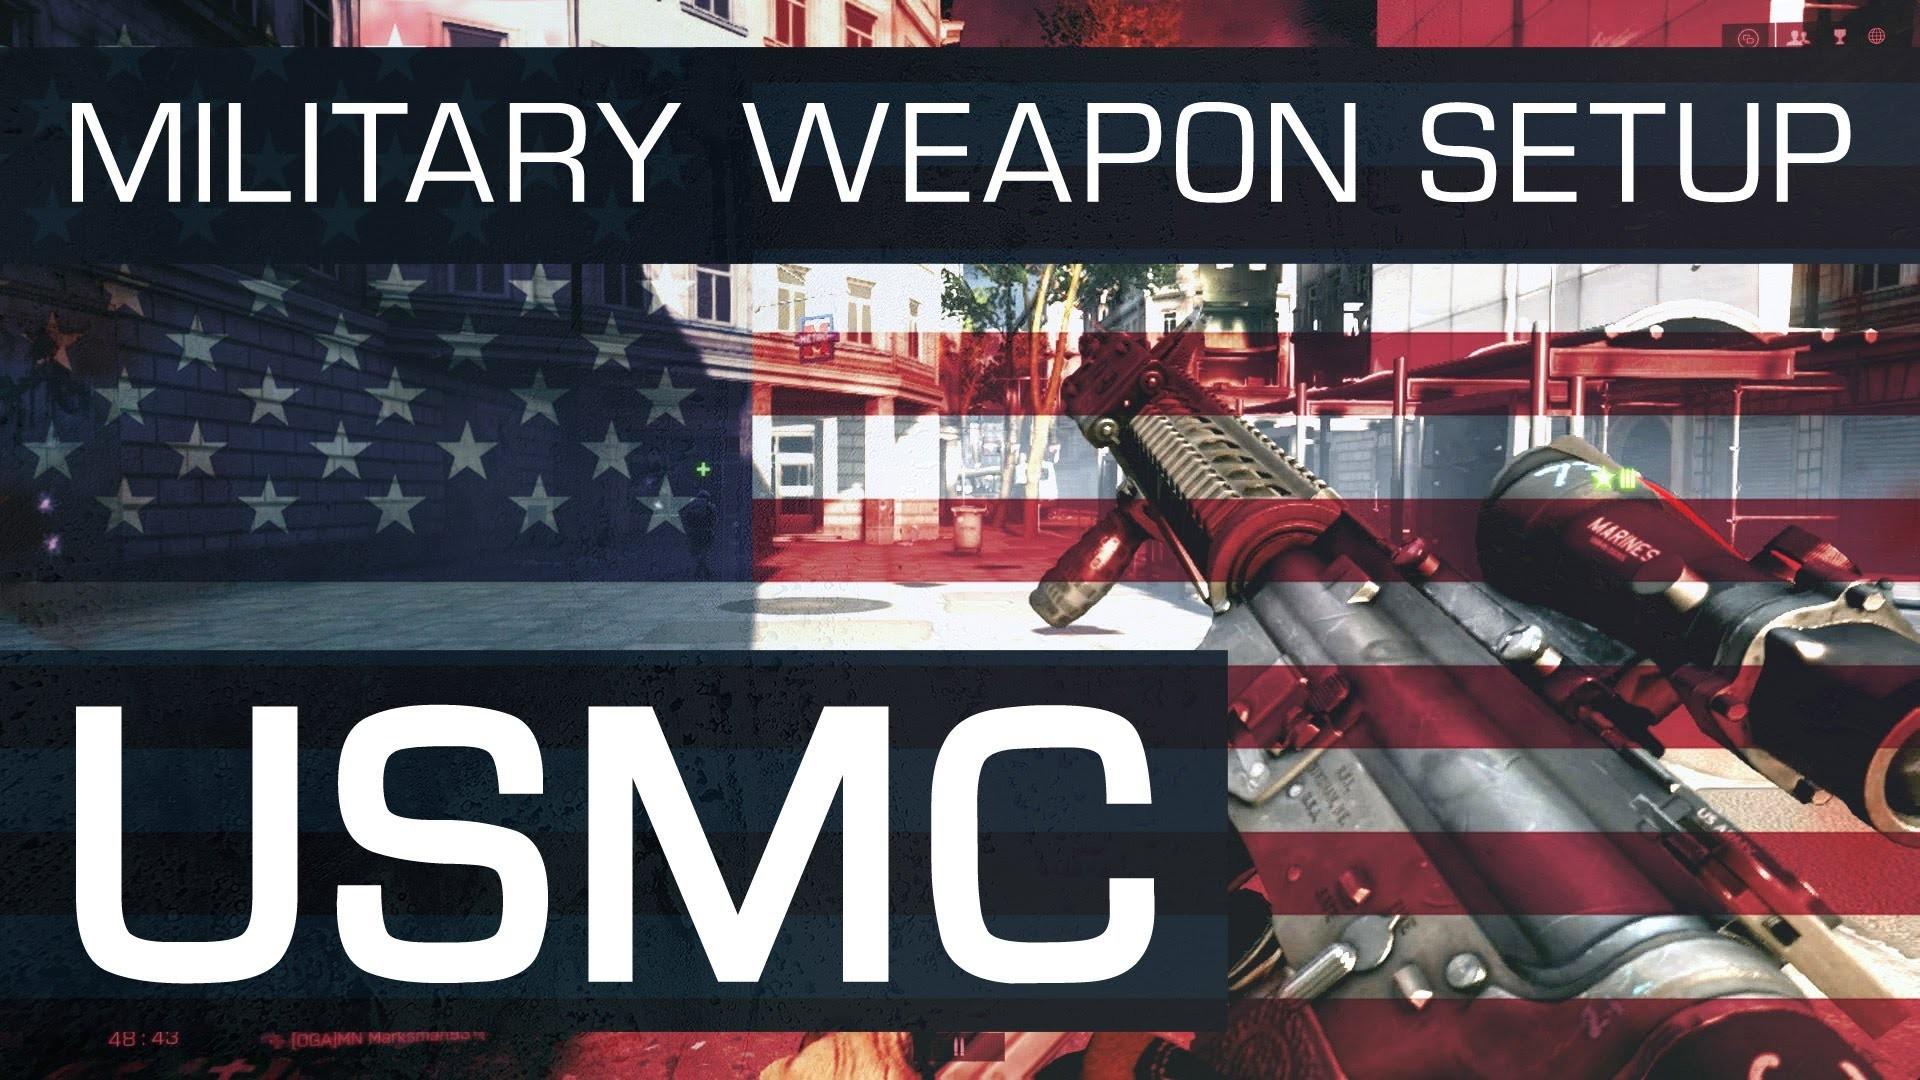 Battlefield 4 (BF4) M16A4 Military Weapon Setup : U.S. Marine Corps –  YouTube